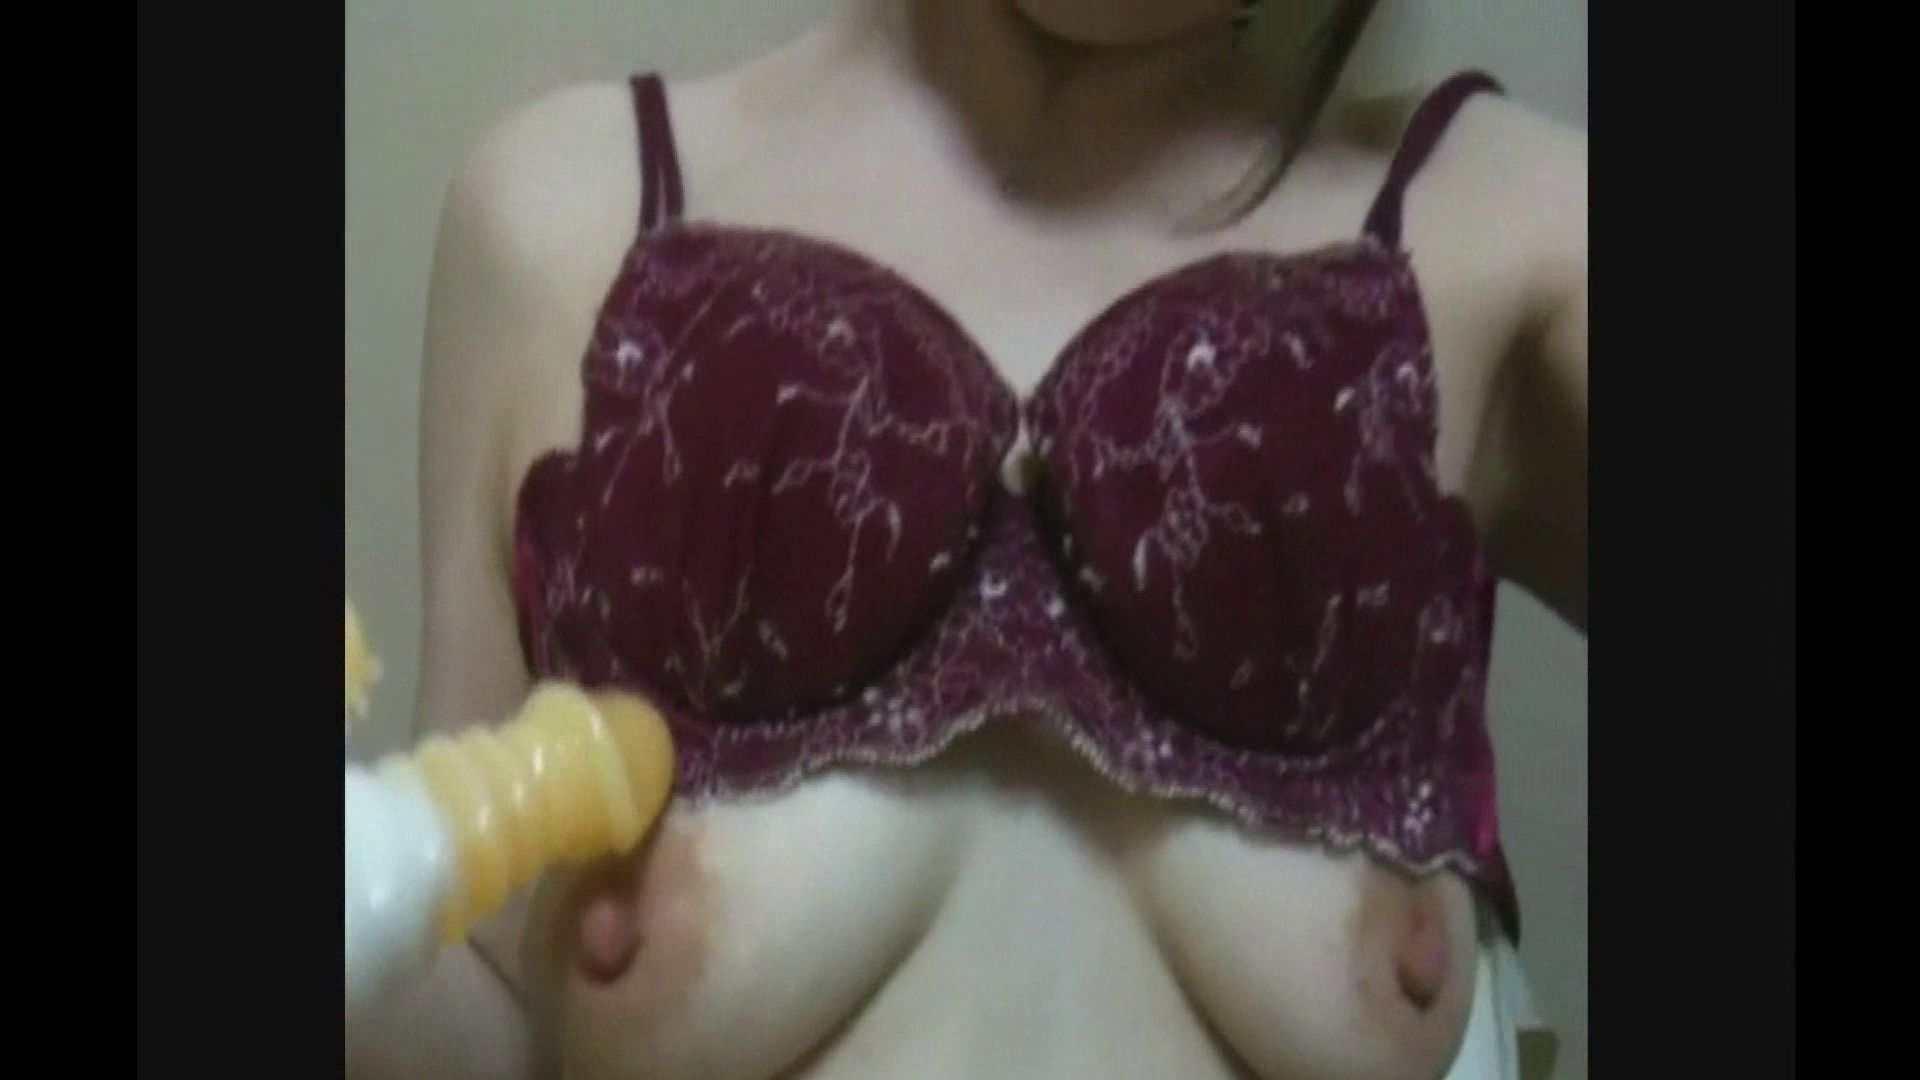 ビジョおな! Vol.01 性欲 盗撮アダルト動画キャプチャ 107画像 64